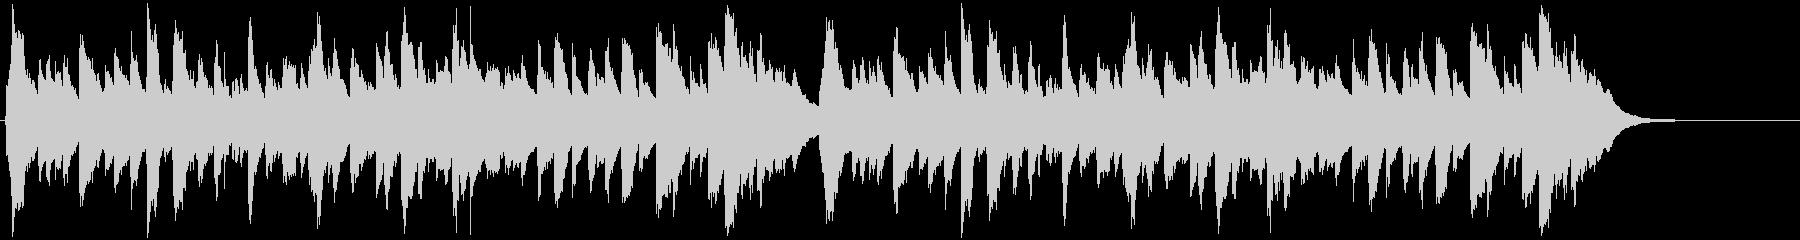 童謡【かたつむり】のアレンジ/ピアノソロの未再生の波形